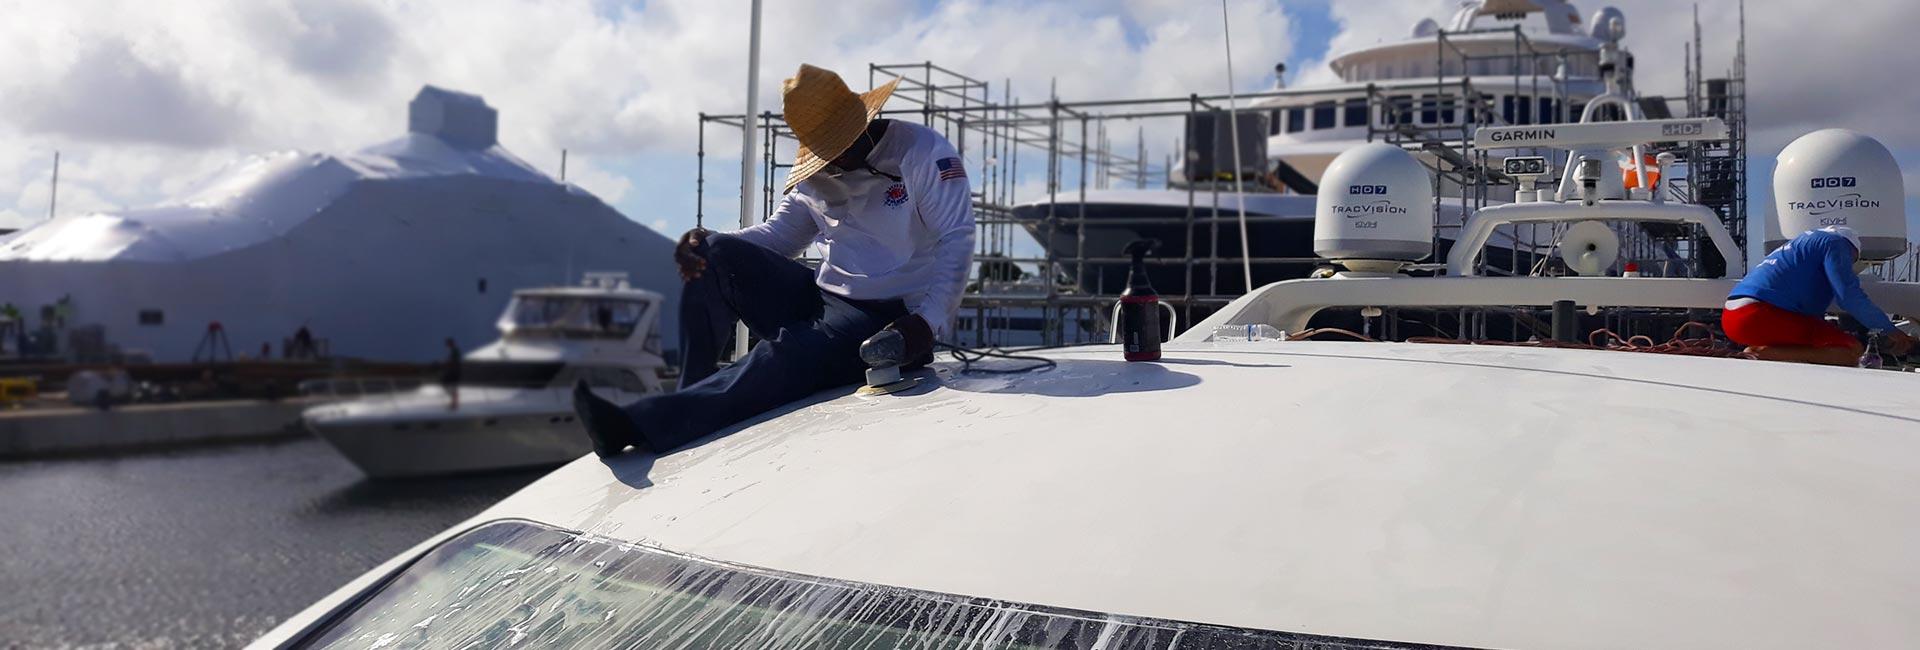 Fiberglass Repair in Fort Lauderdale, Pompano Beach, Hollywood